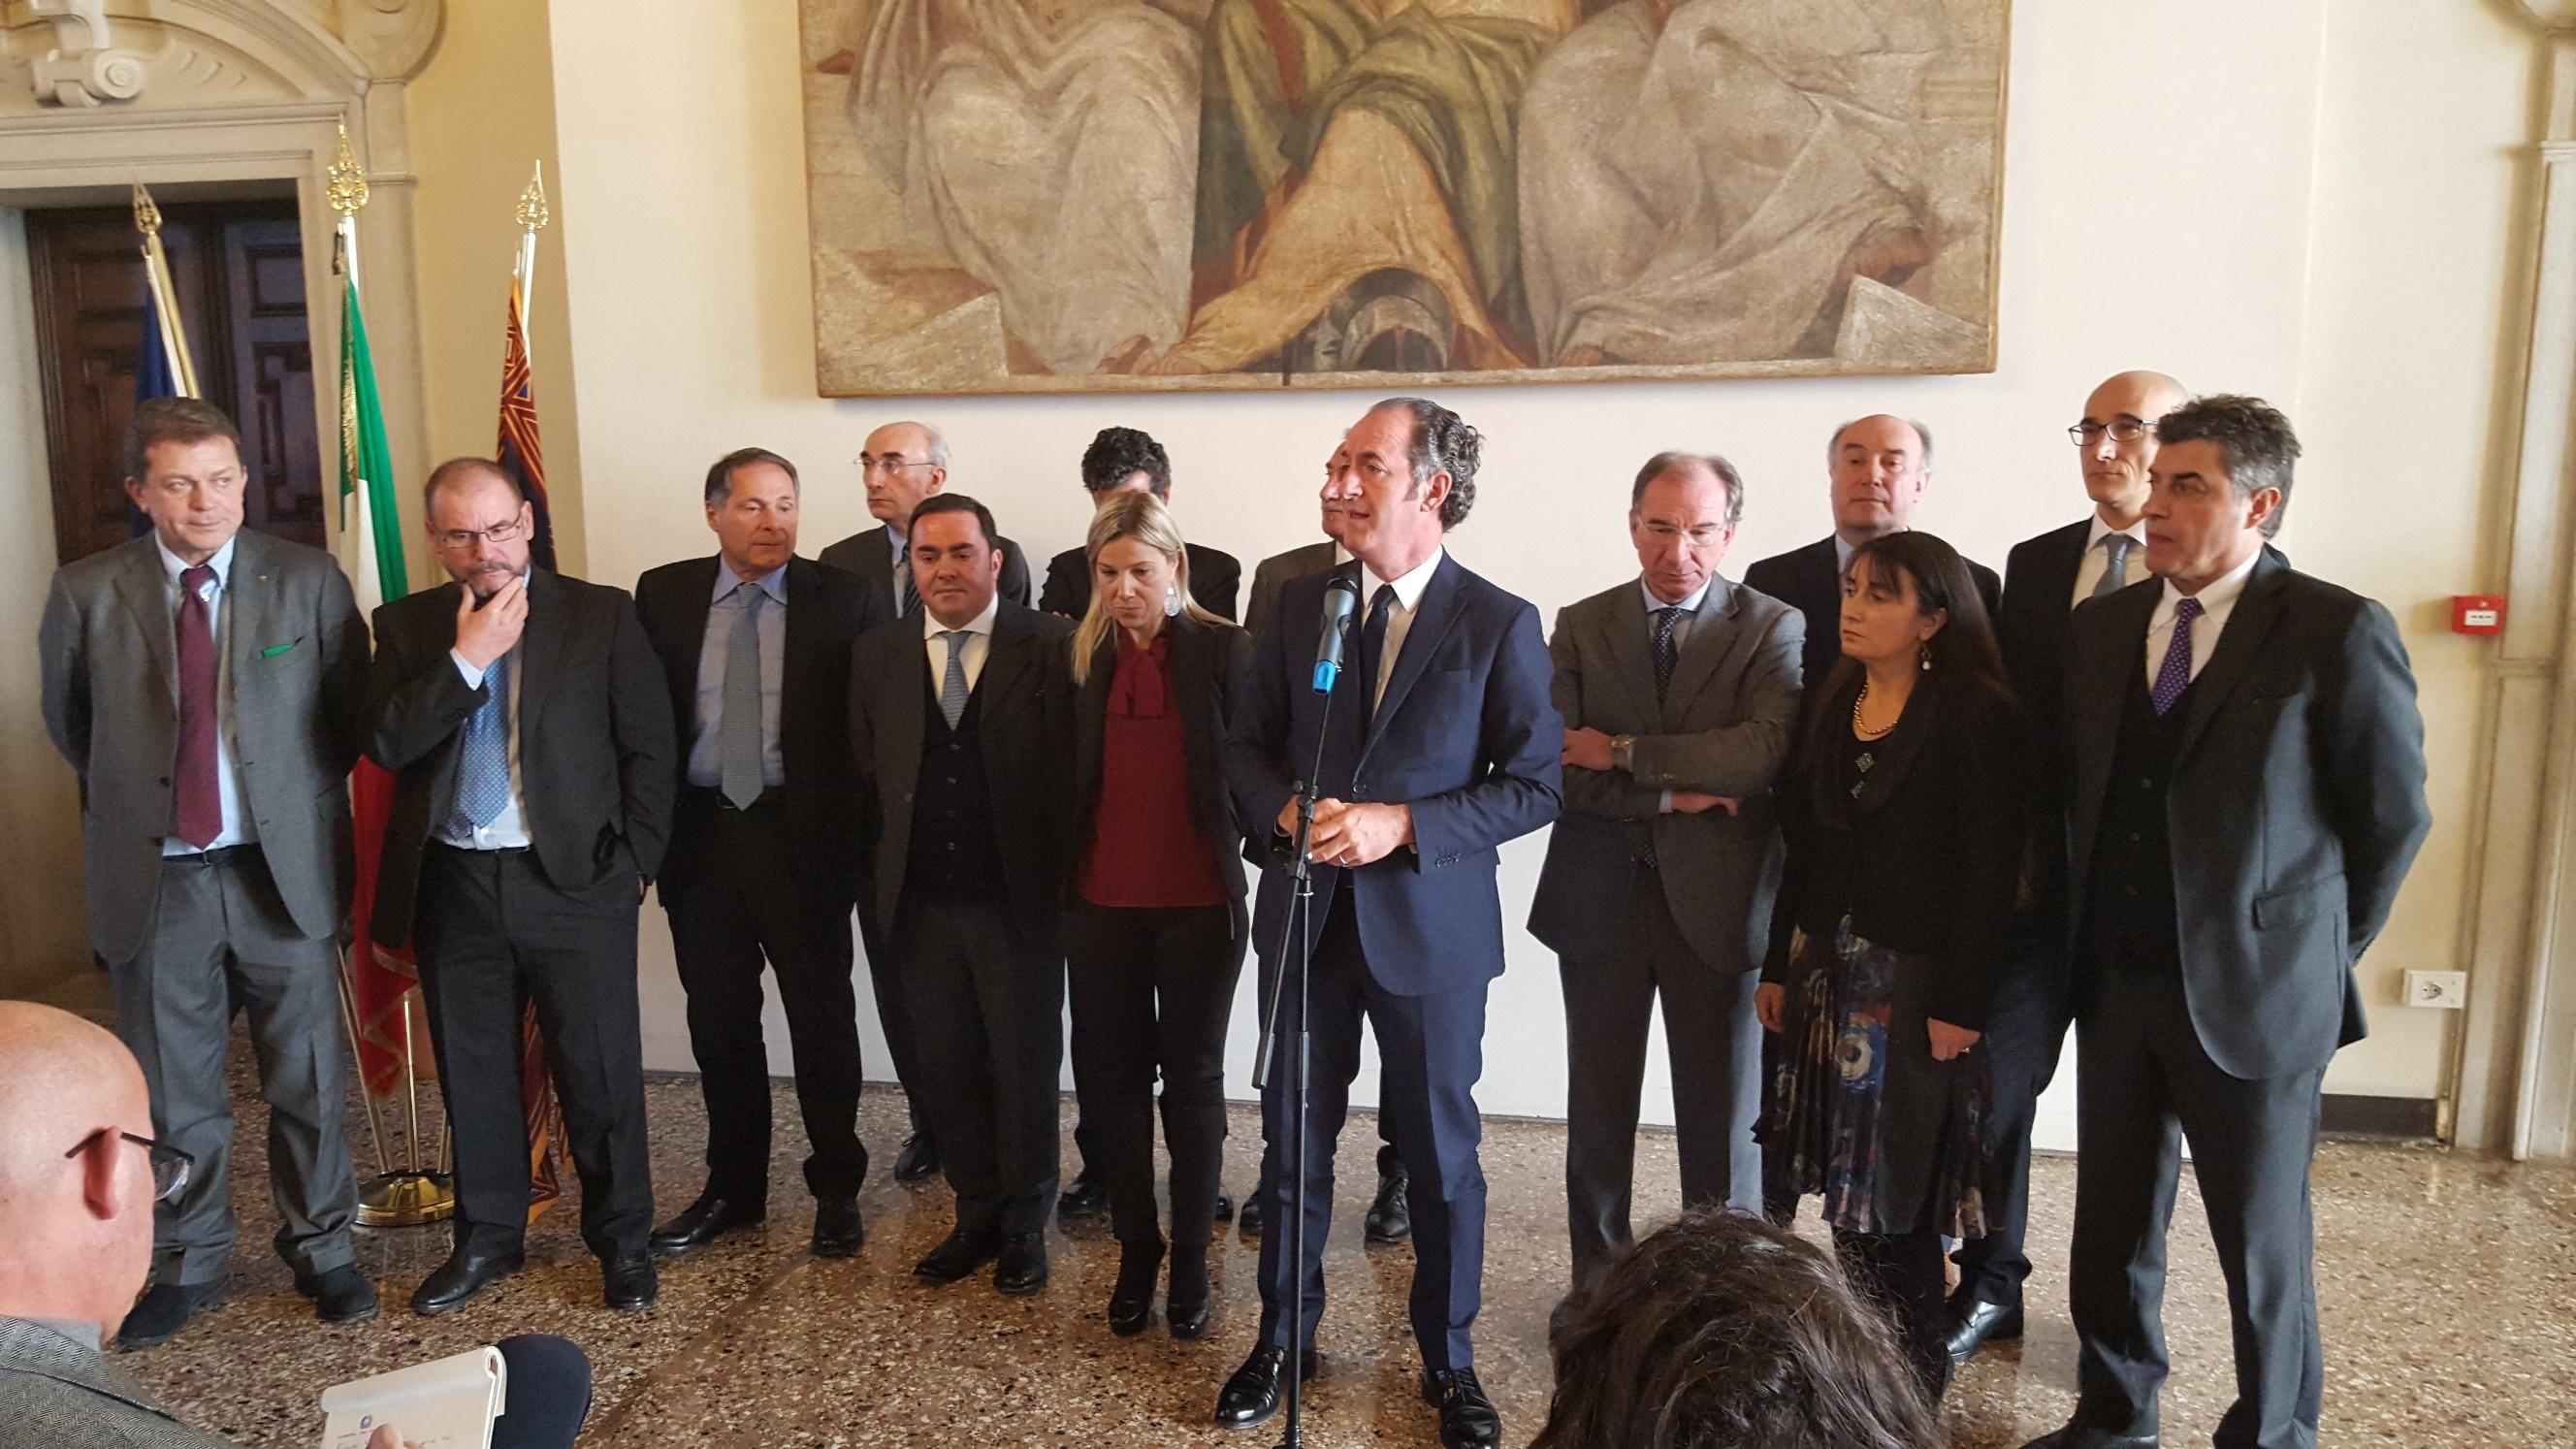 (Fonte Foto: Regione Veneto)